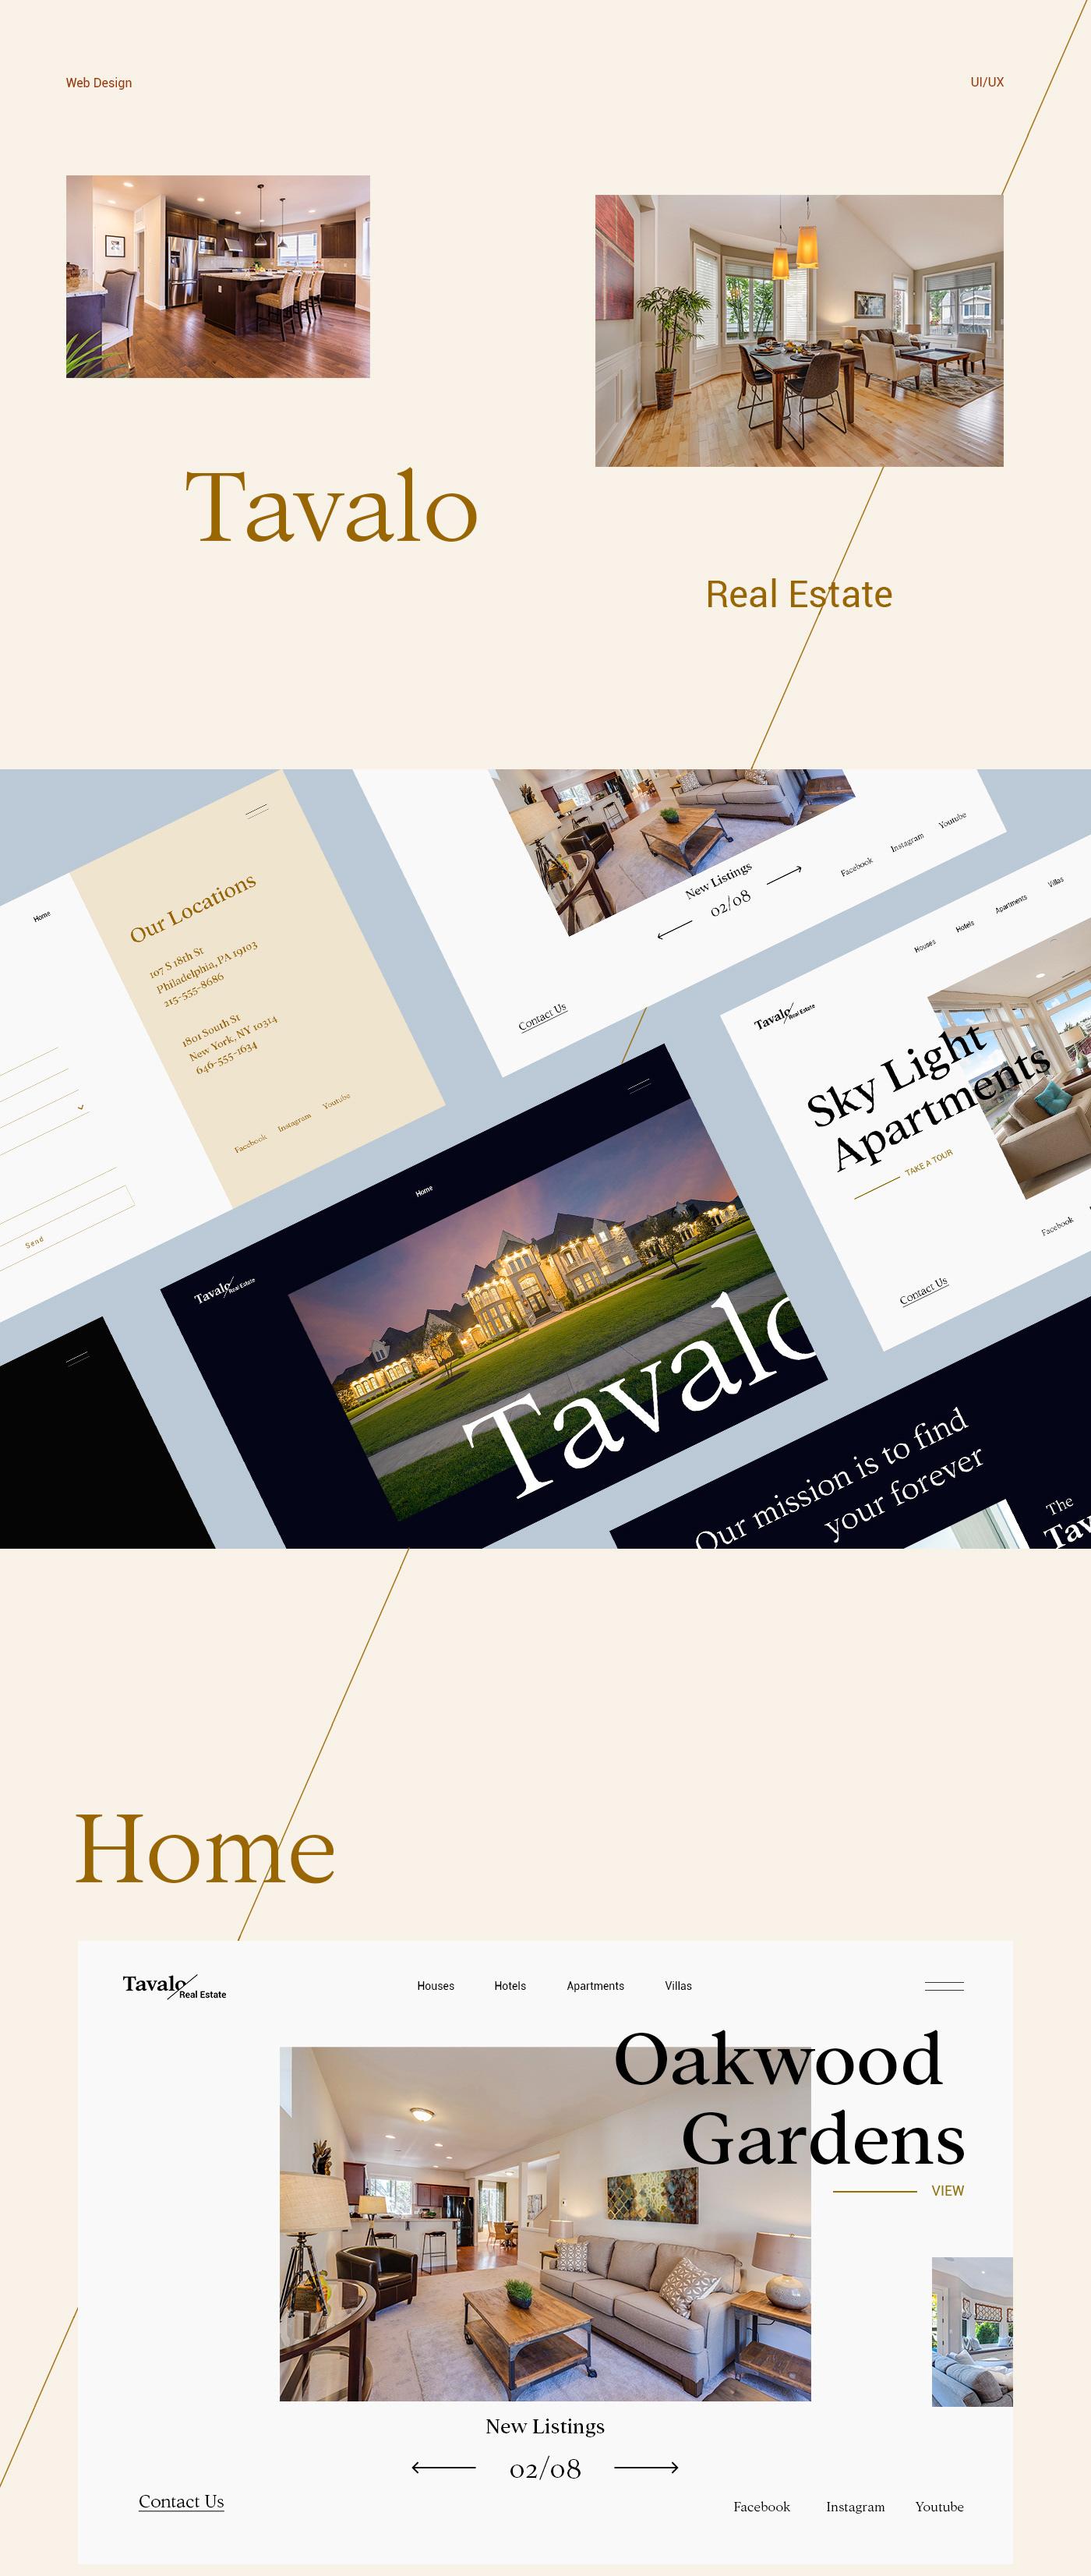 Web Design  UI ux branding  graphic design